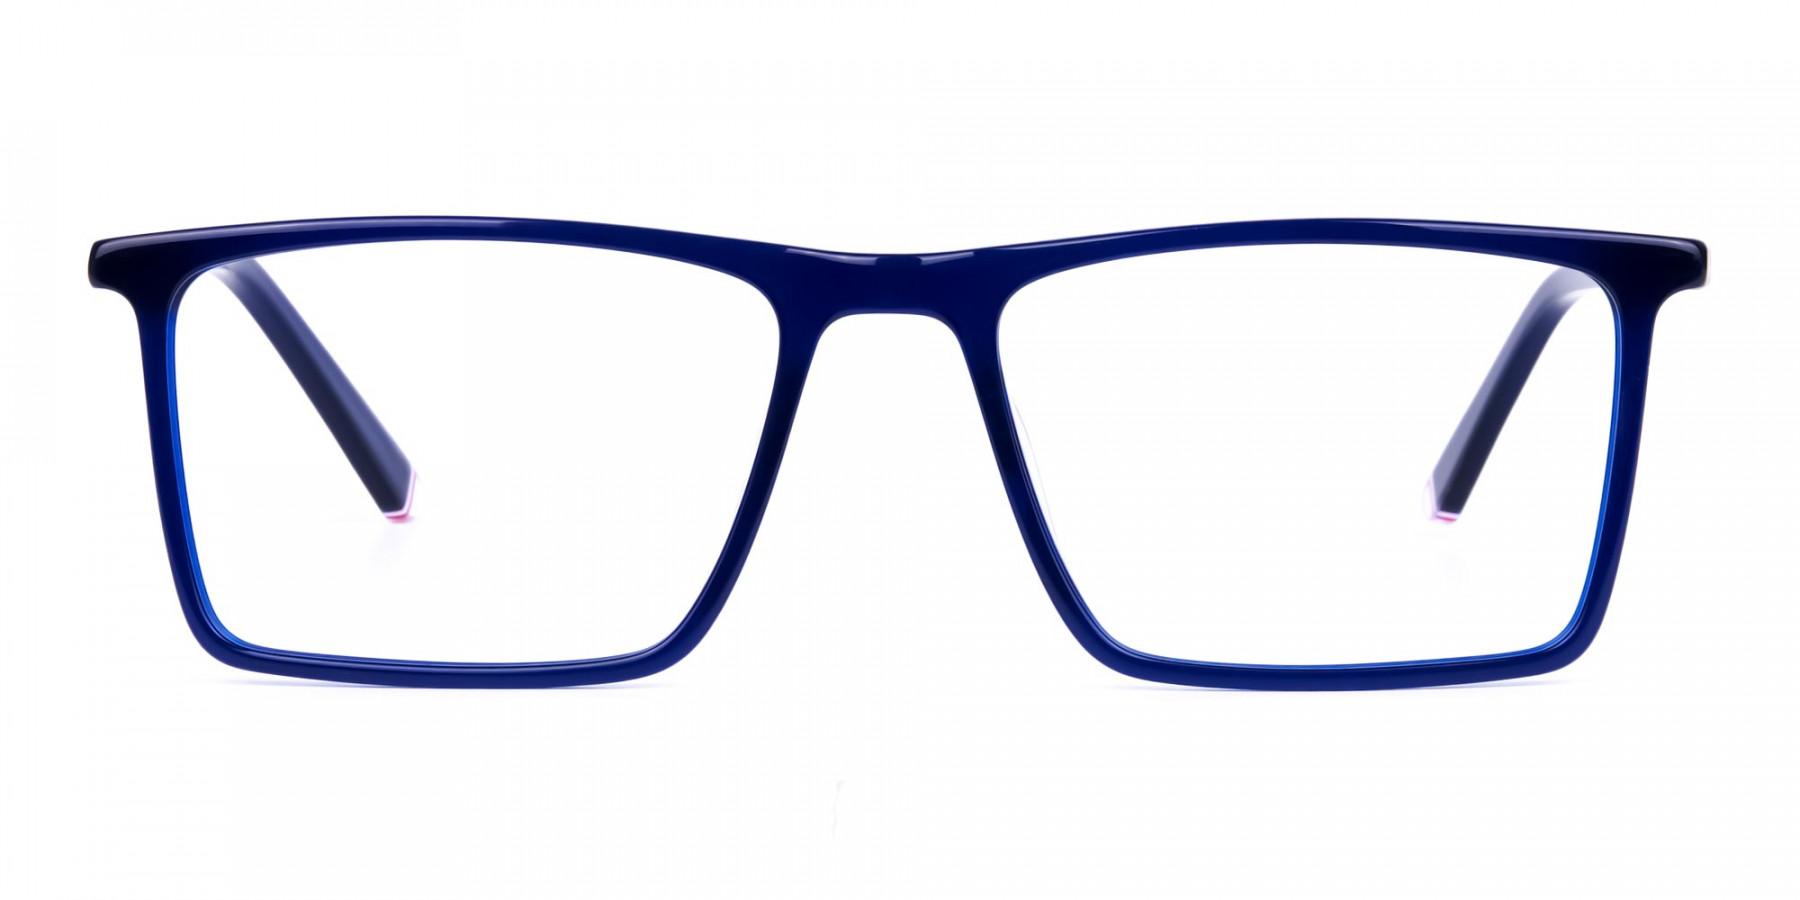 Navy-Blue-Fully-Rimmed-Rectangular-Glasses-1